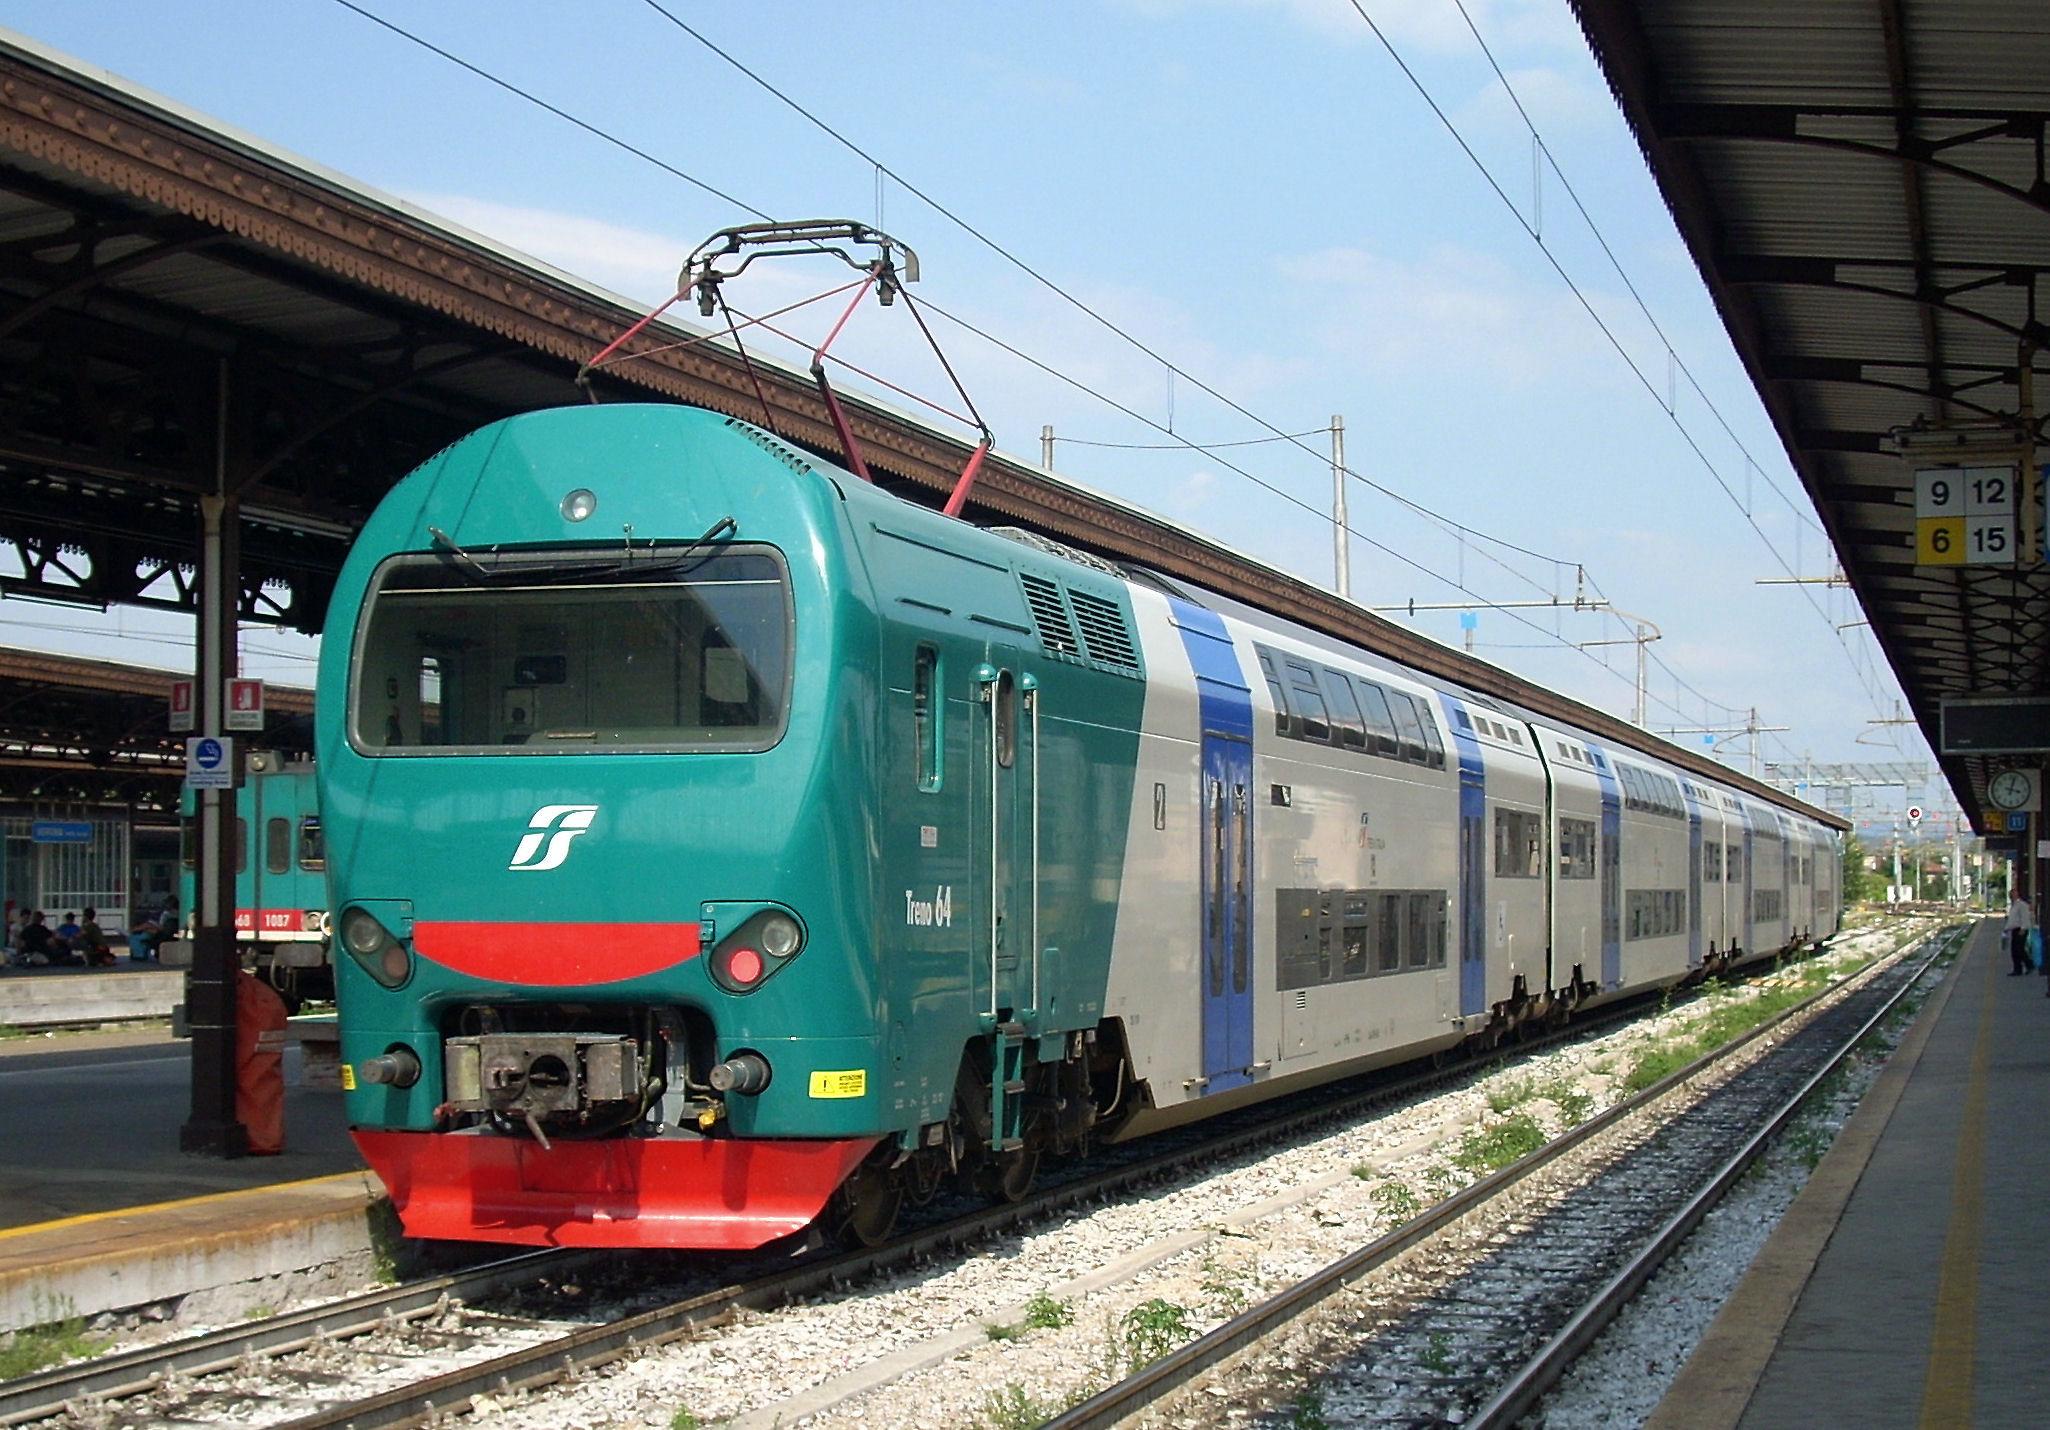 Viaggi gratis ai familiari, gli autisti napoletani scioperano per il privilegio